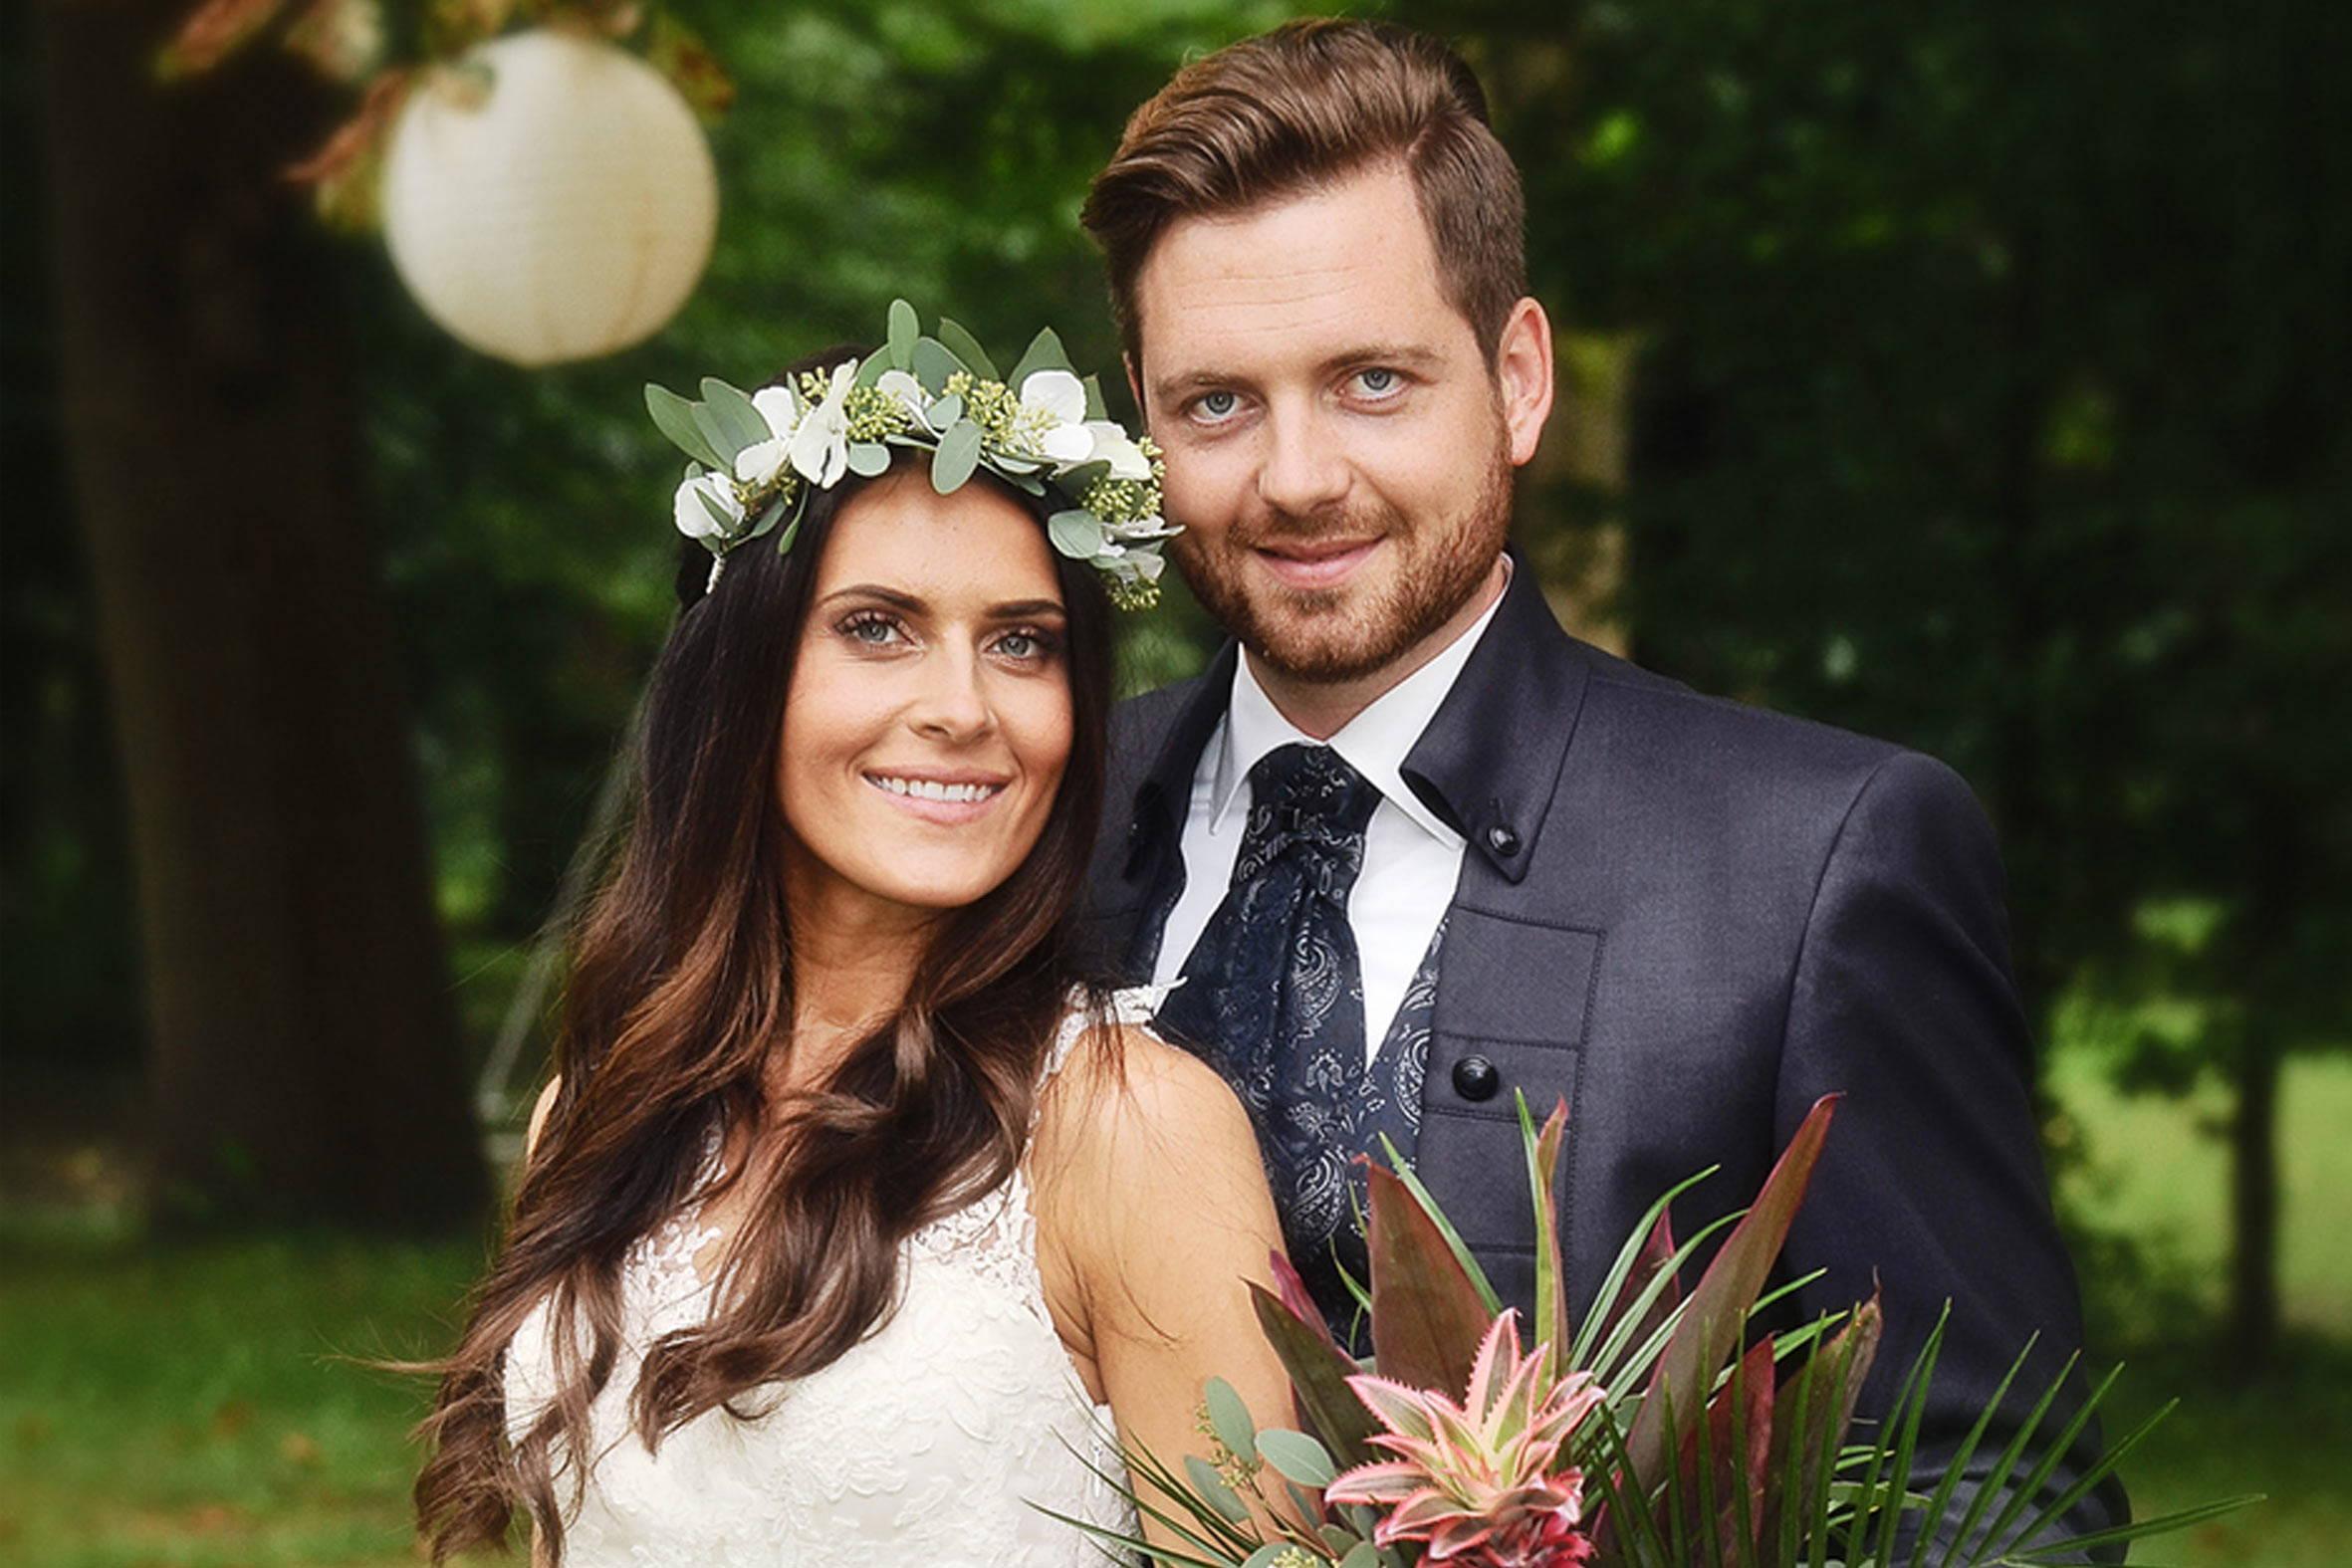 brautstyling mit blumenkranz - hippie boho wedding mit püppikram